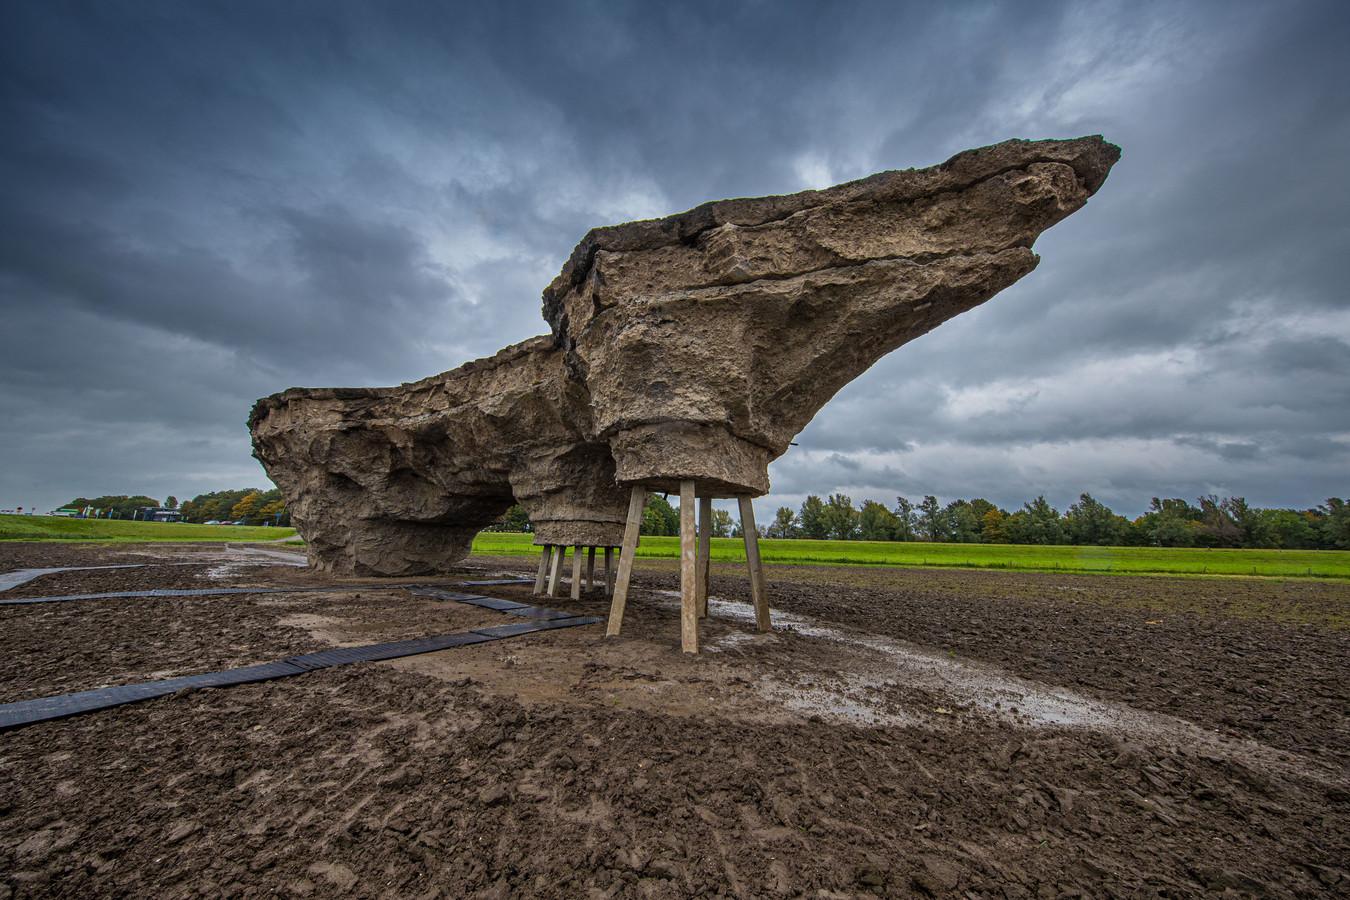 Als een soort ruimteschip zweeft het kunstwerk boven het landschap.